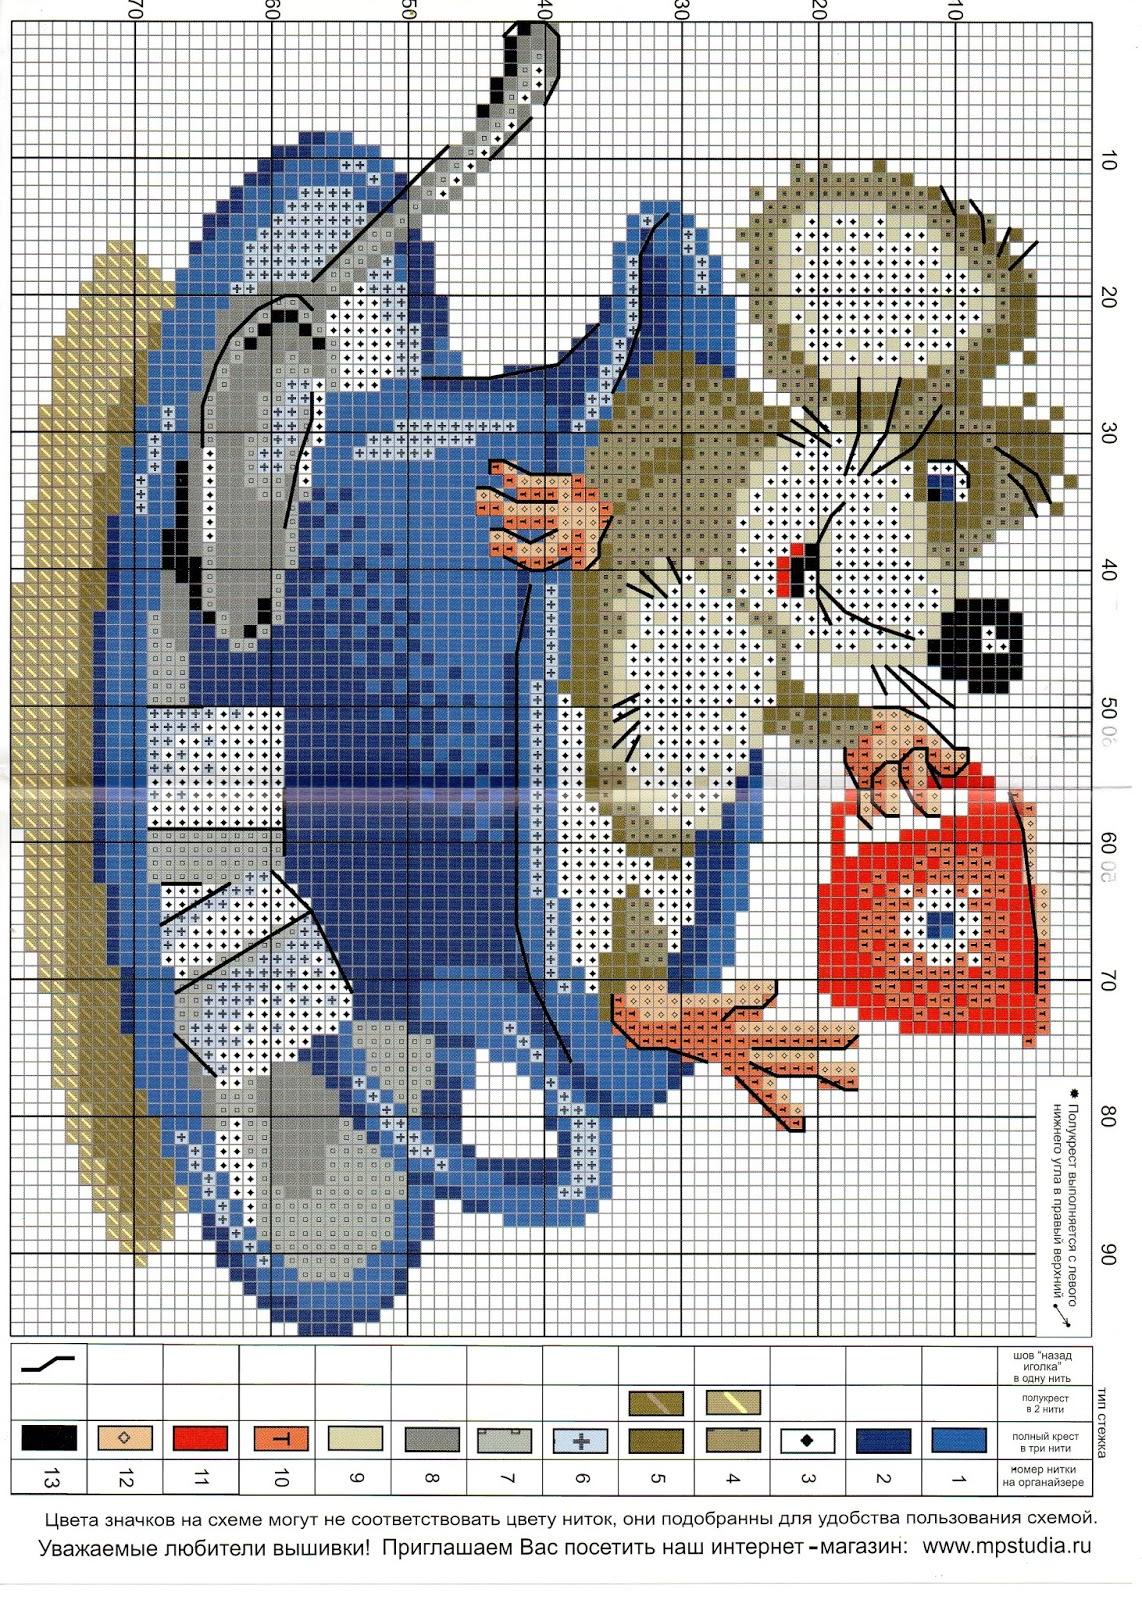 Найди клад игра для детей найти клад детская игра, сценарий 86